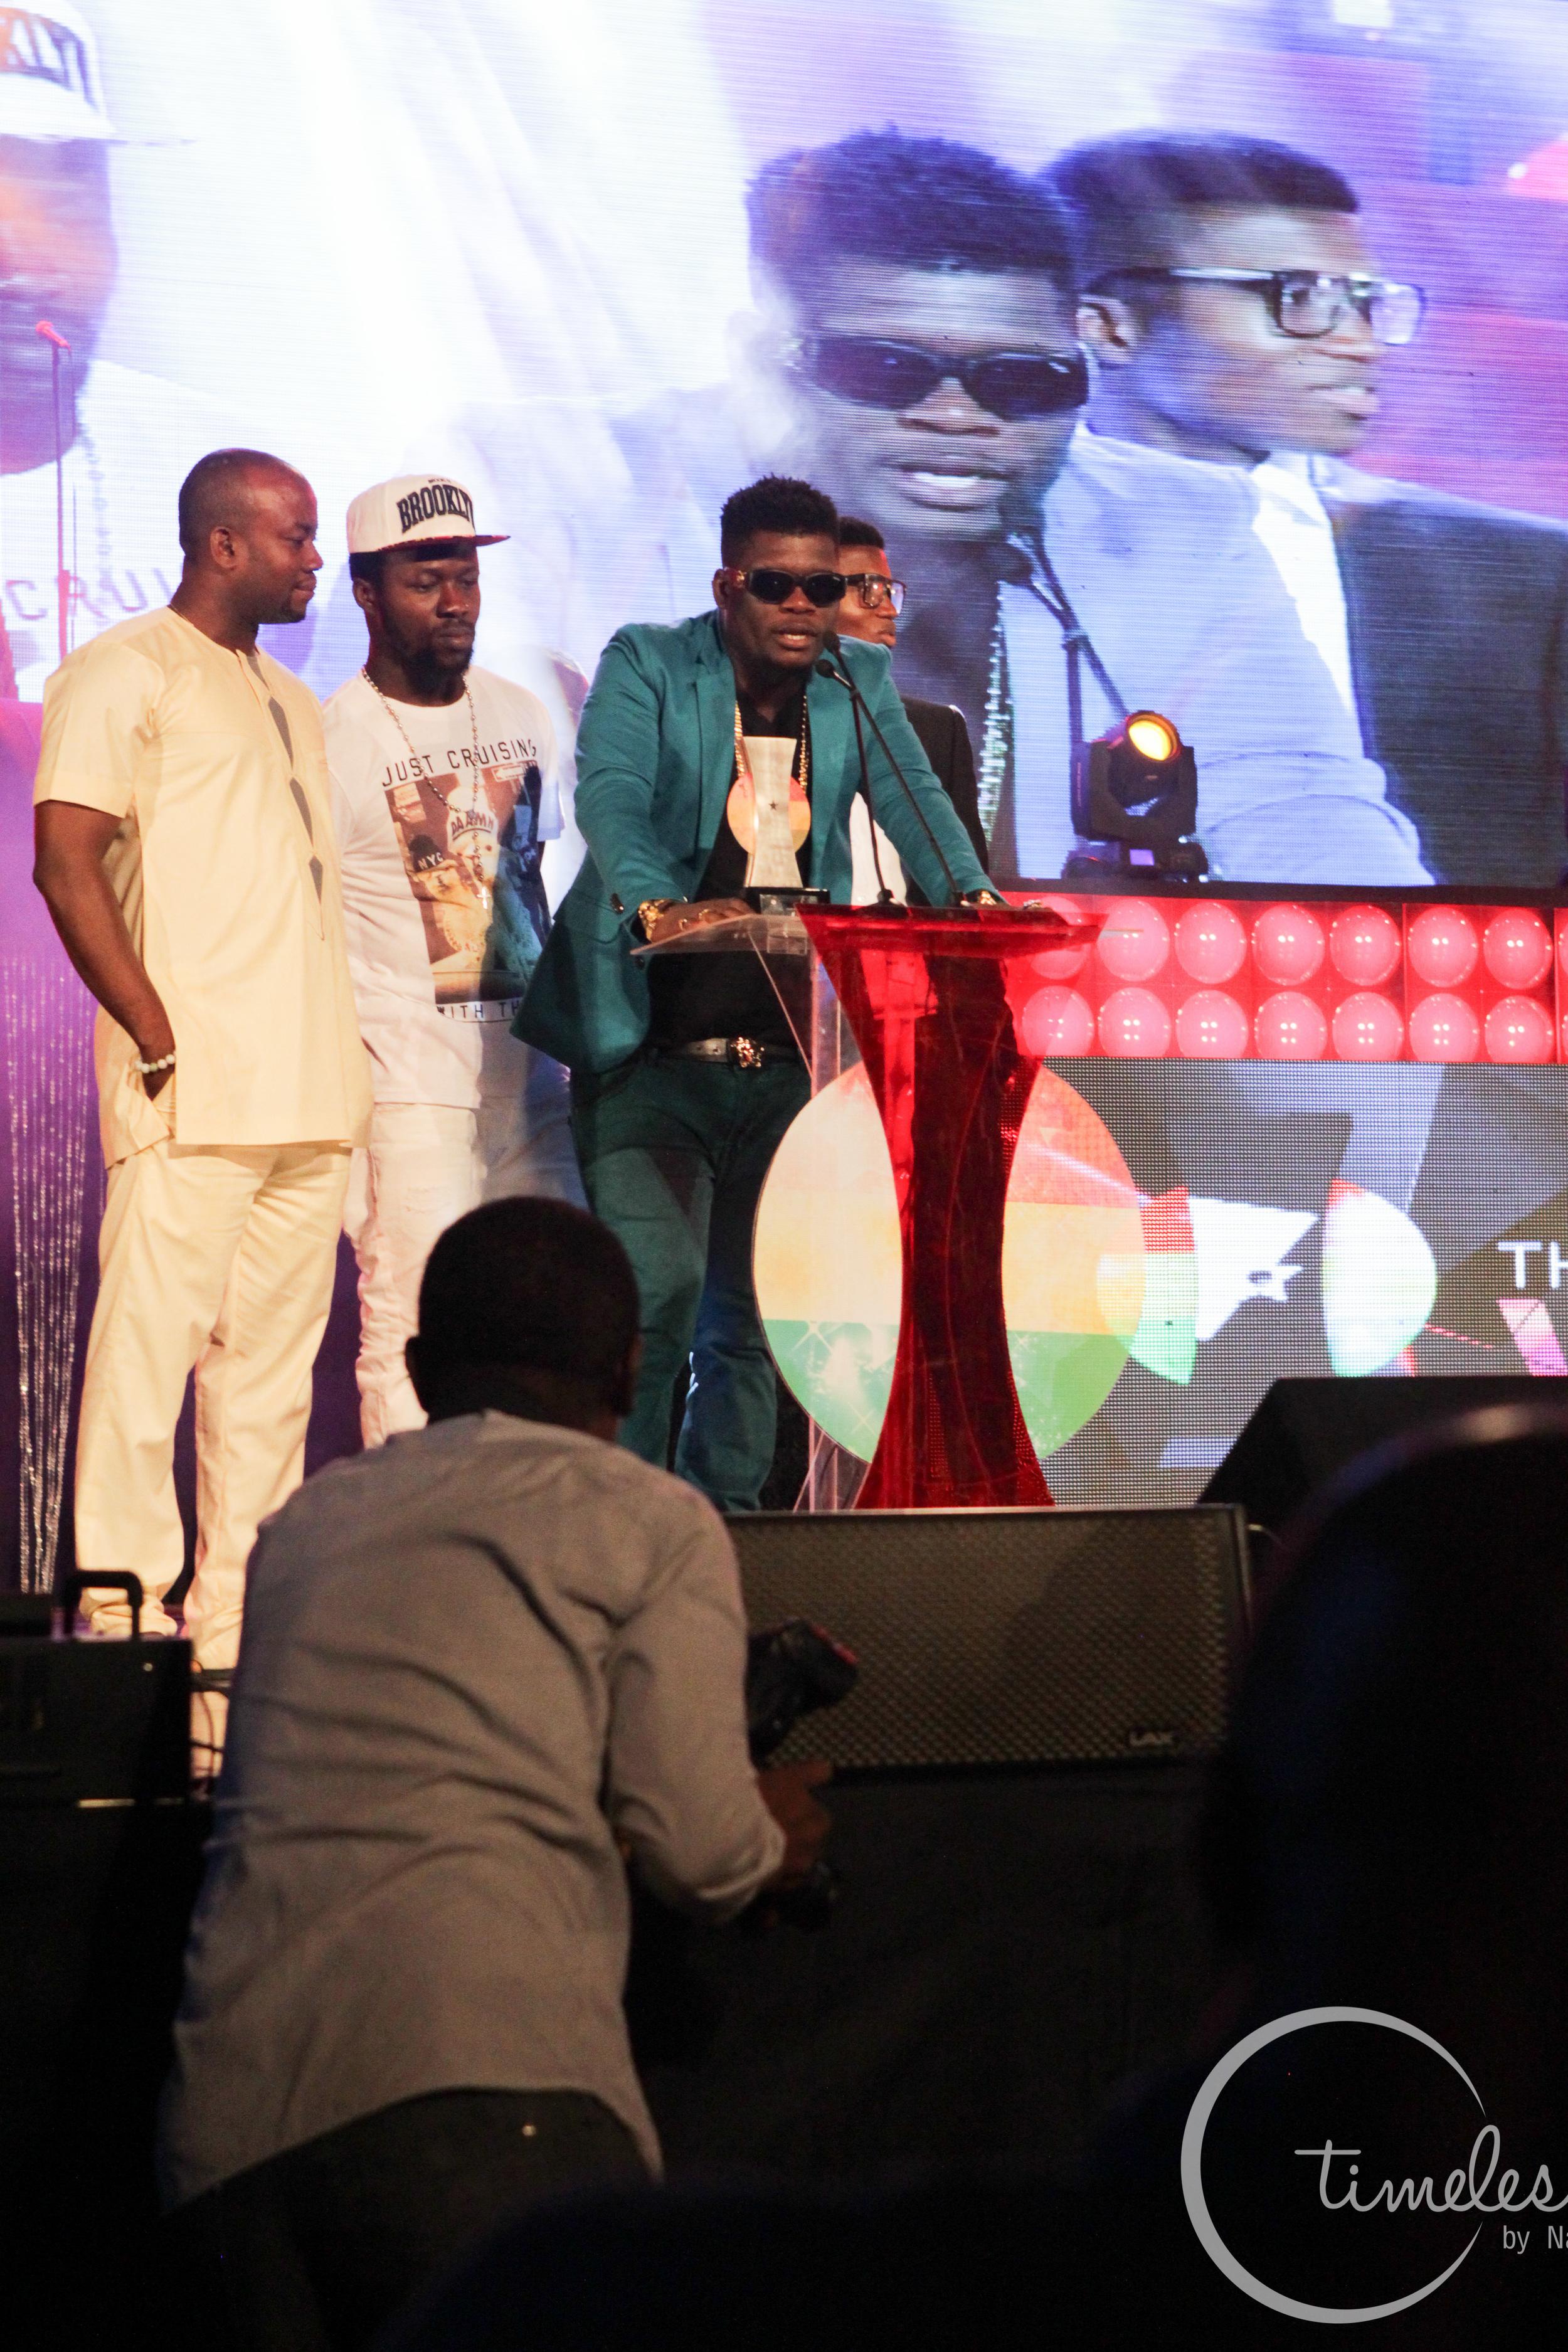 Castro receiving his award at Vodafone Music Awards 2014